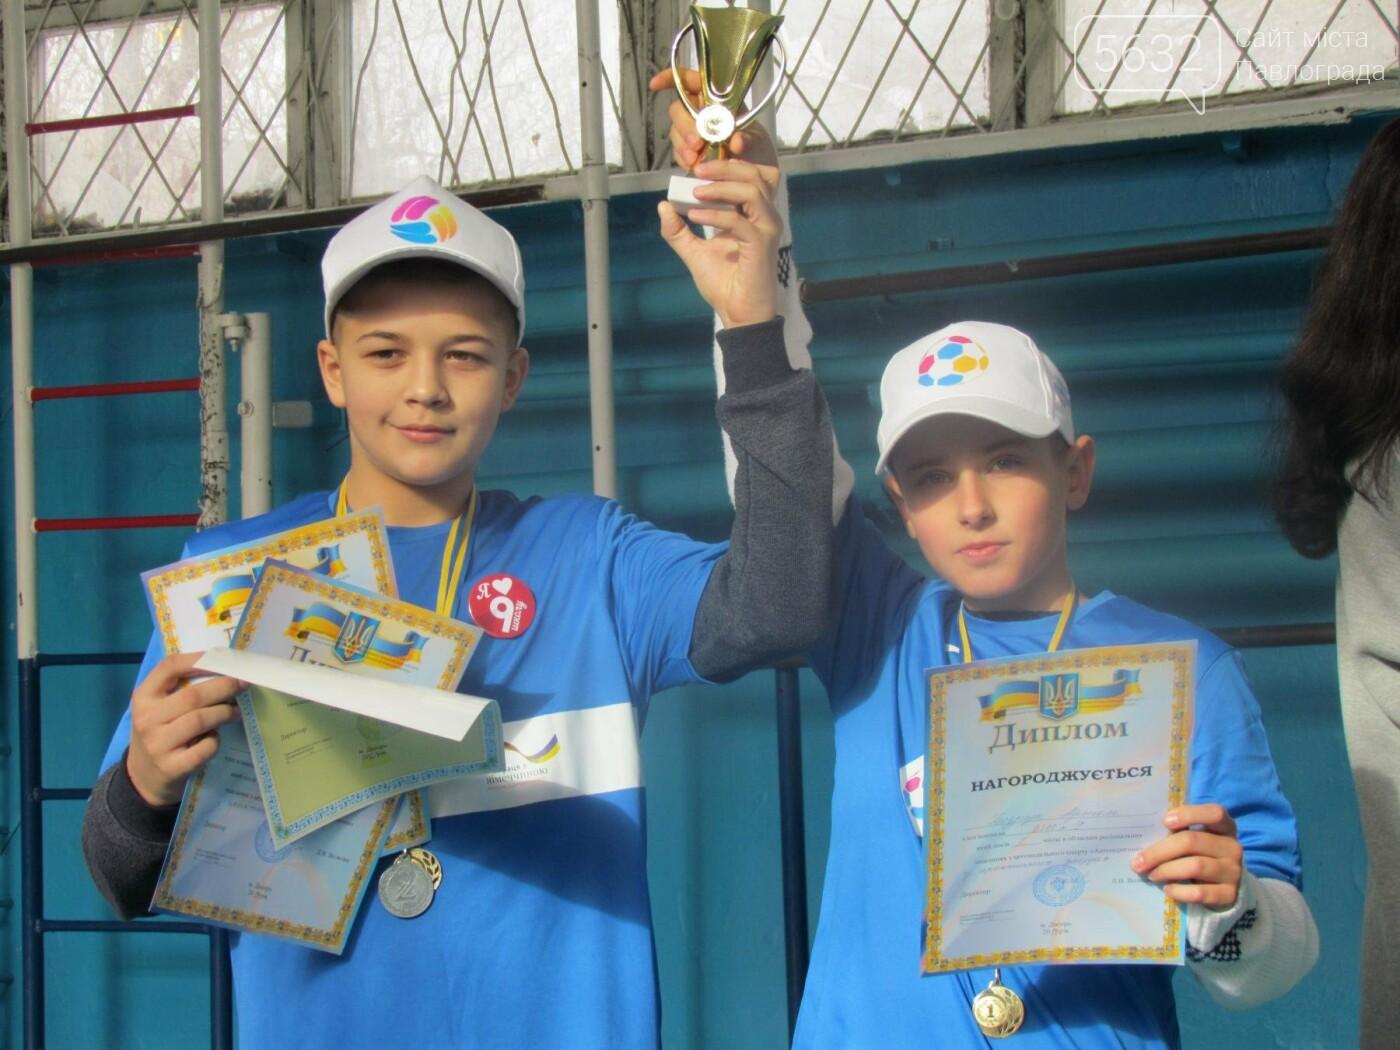 Павлоградские школьники сразились в гонке радиоуправляемых автомоделей, фото-5